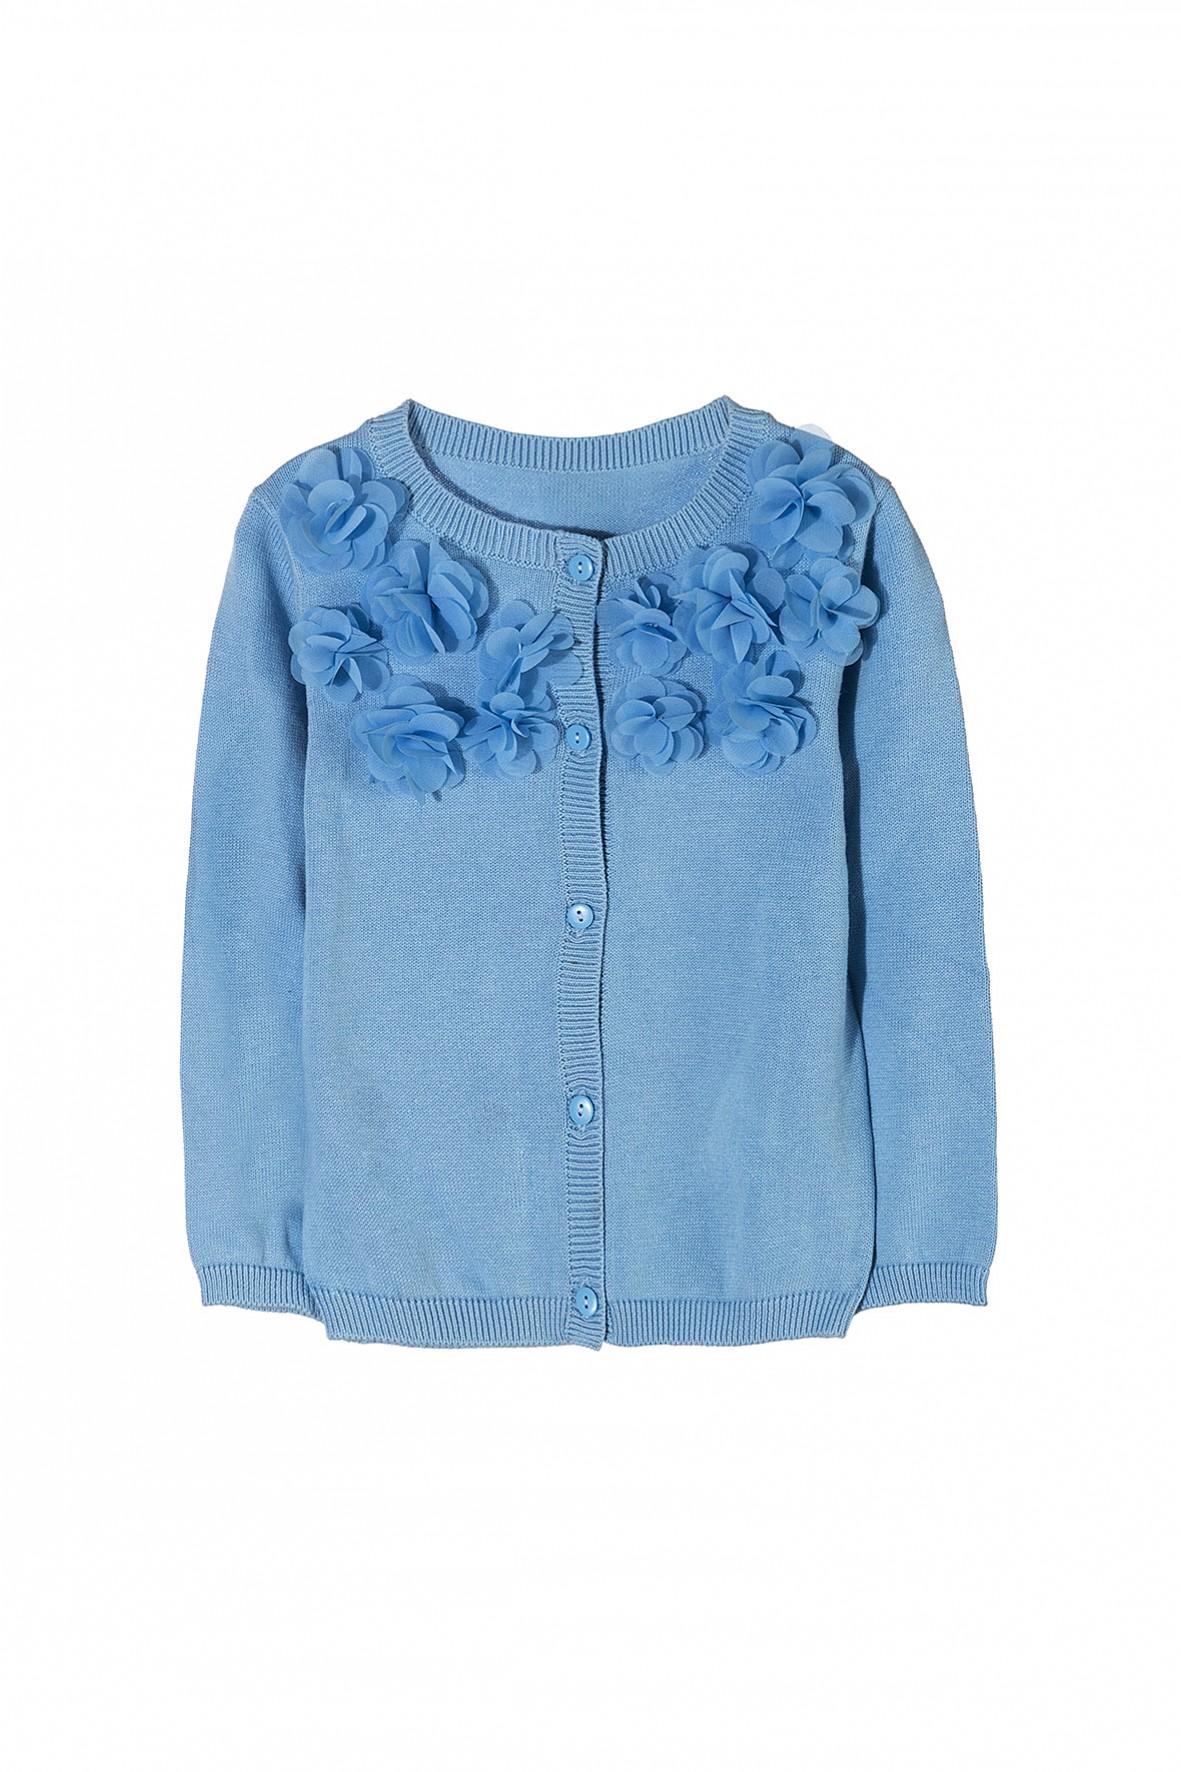 Elegancki sweter dziewczęcy zapinany na guziki